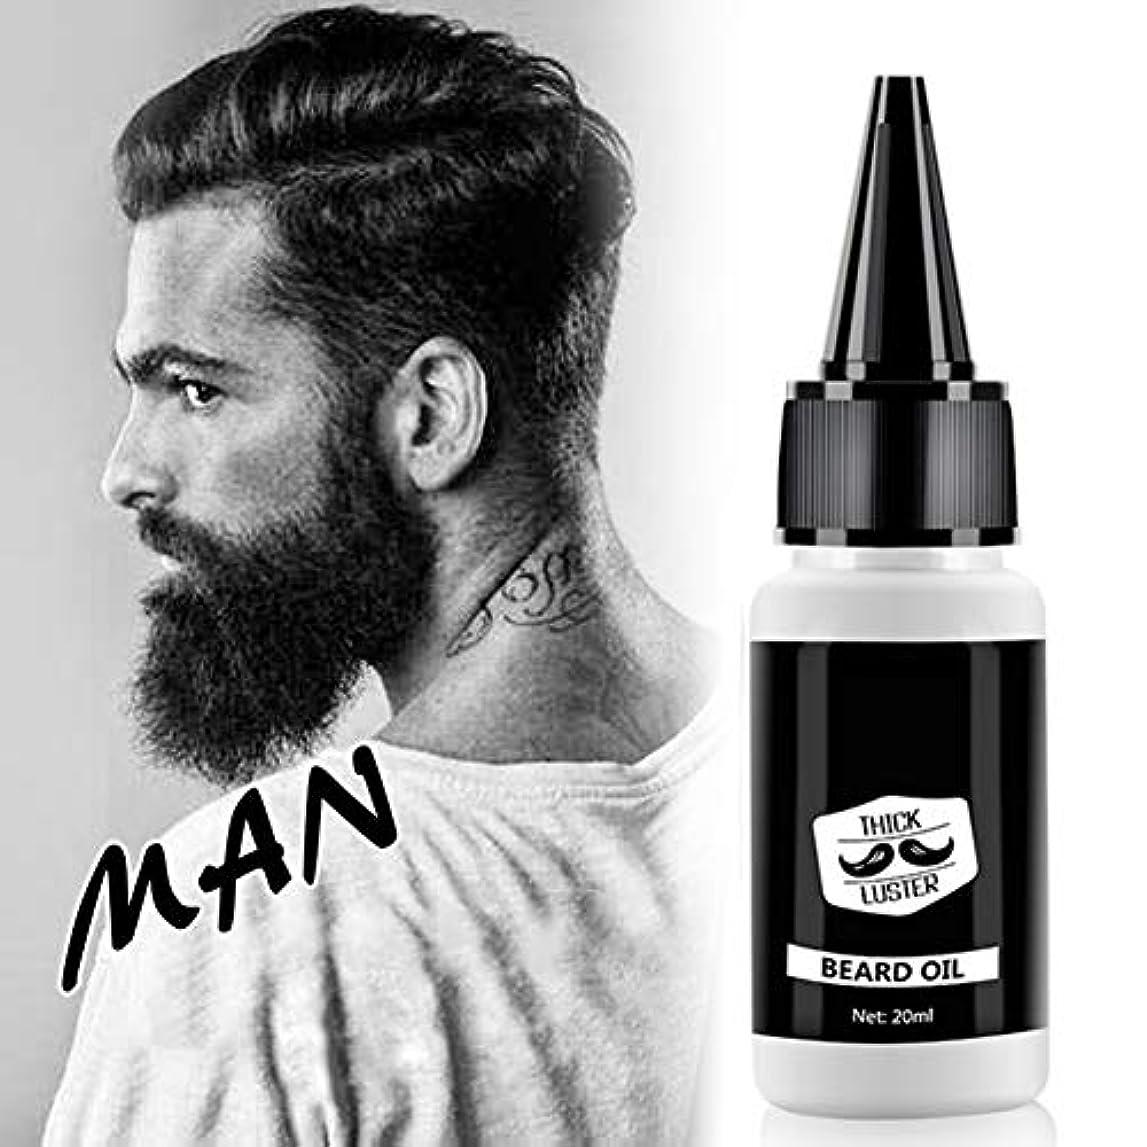 嘆く密接に下向きKISSION ひげ油 20ml 太いひげのメンテナンス 男性のひげ成長促進剤 ひげの成長の本質 ひげ整形ツール あごひげケア 天然成分 安全で無害 急成長